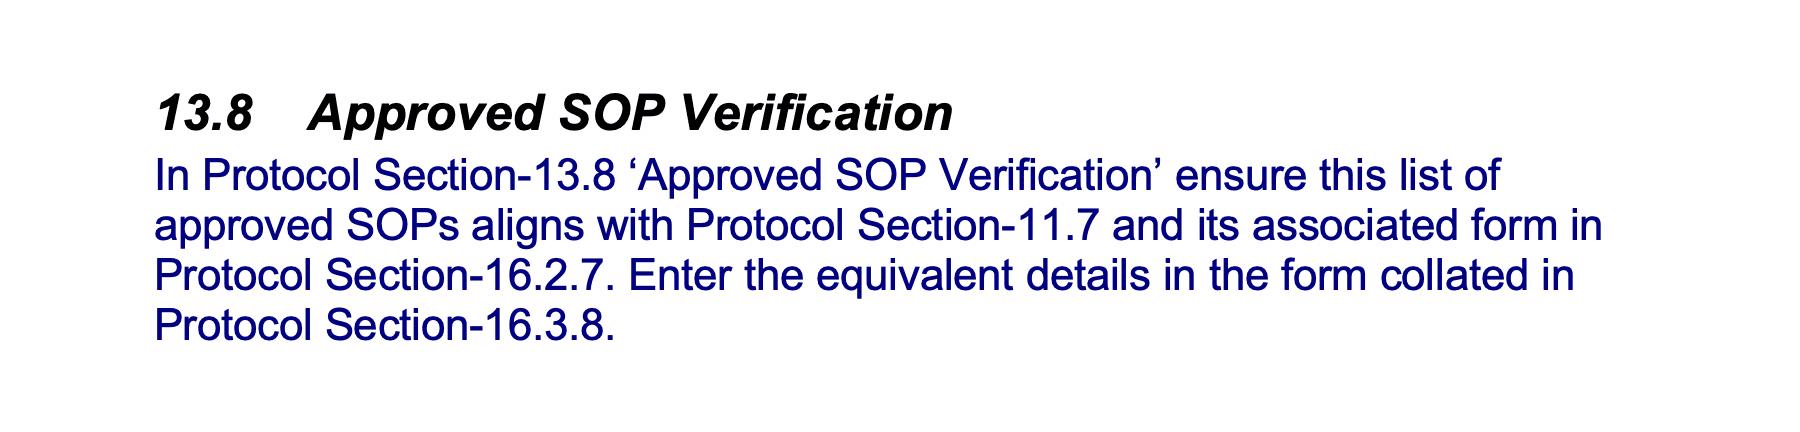 Approved SOP Verification GetReskilled